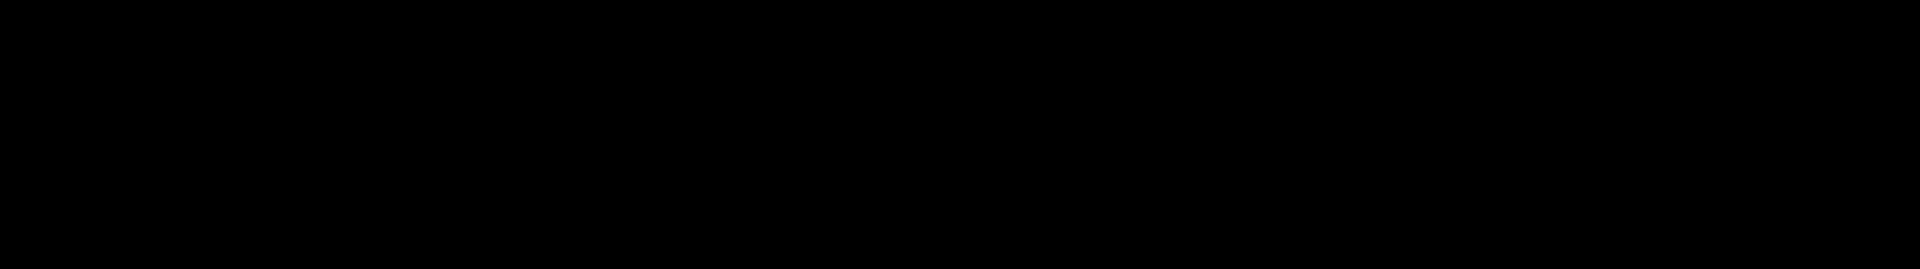 Key Difference - Stearic Acid vs Oleic Acid